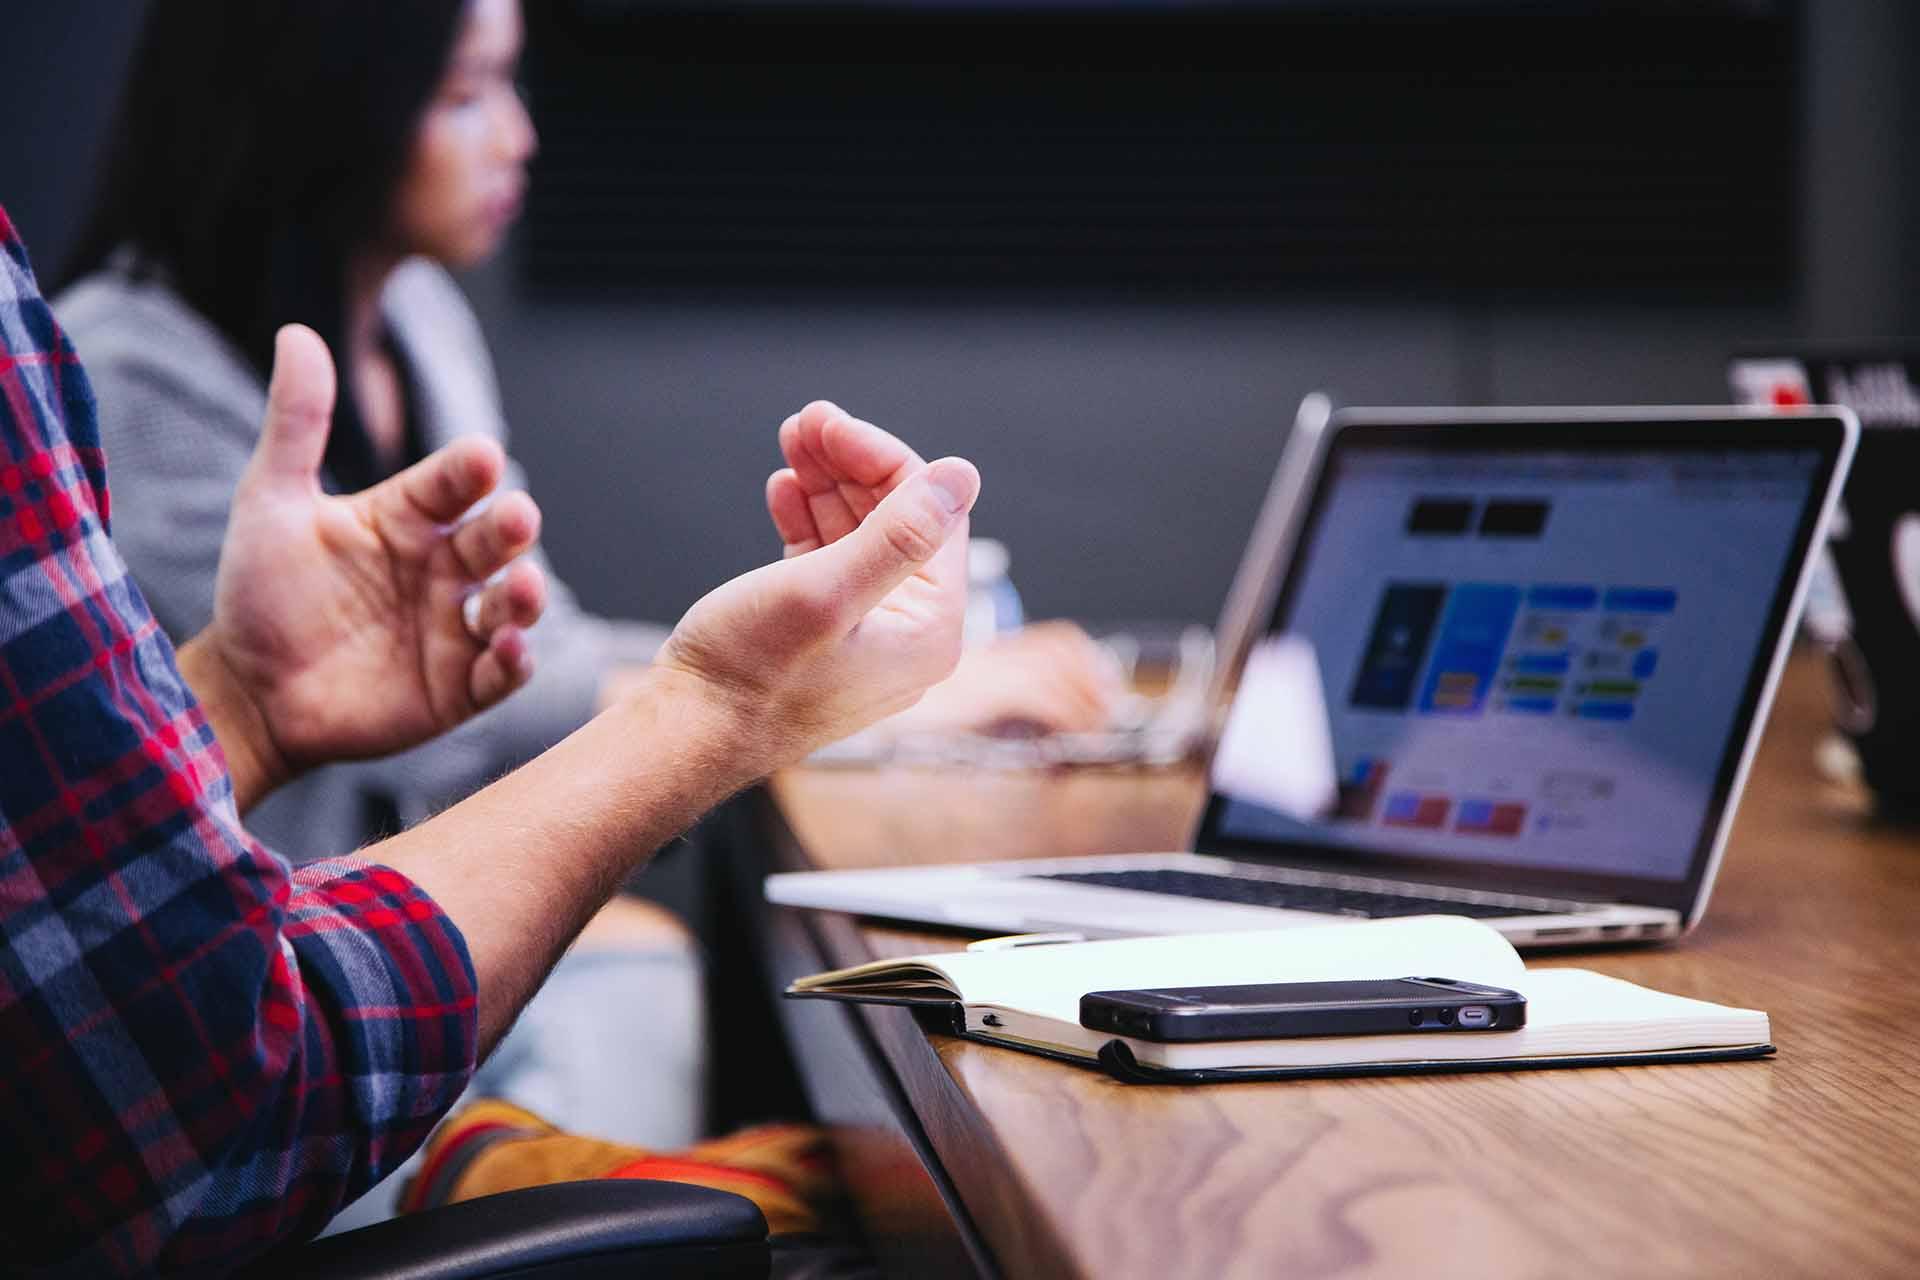 t2informatik Blog: Design Thinking in der Produktentwicklung